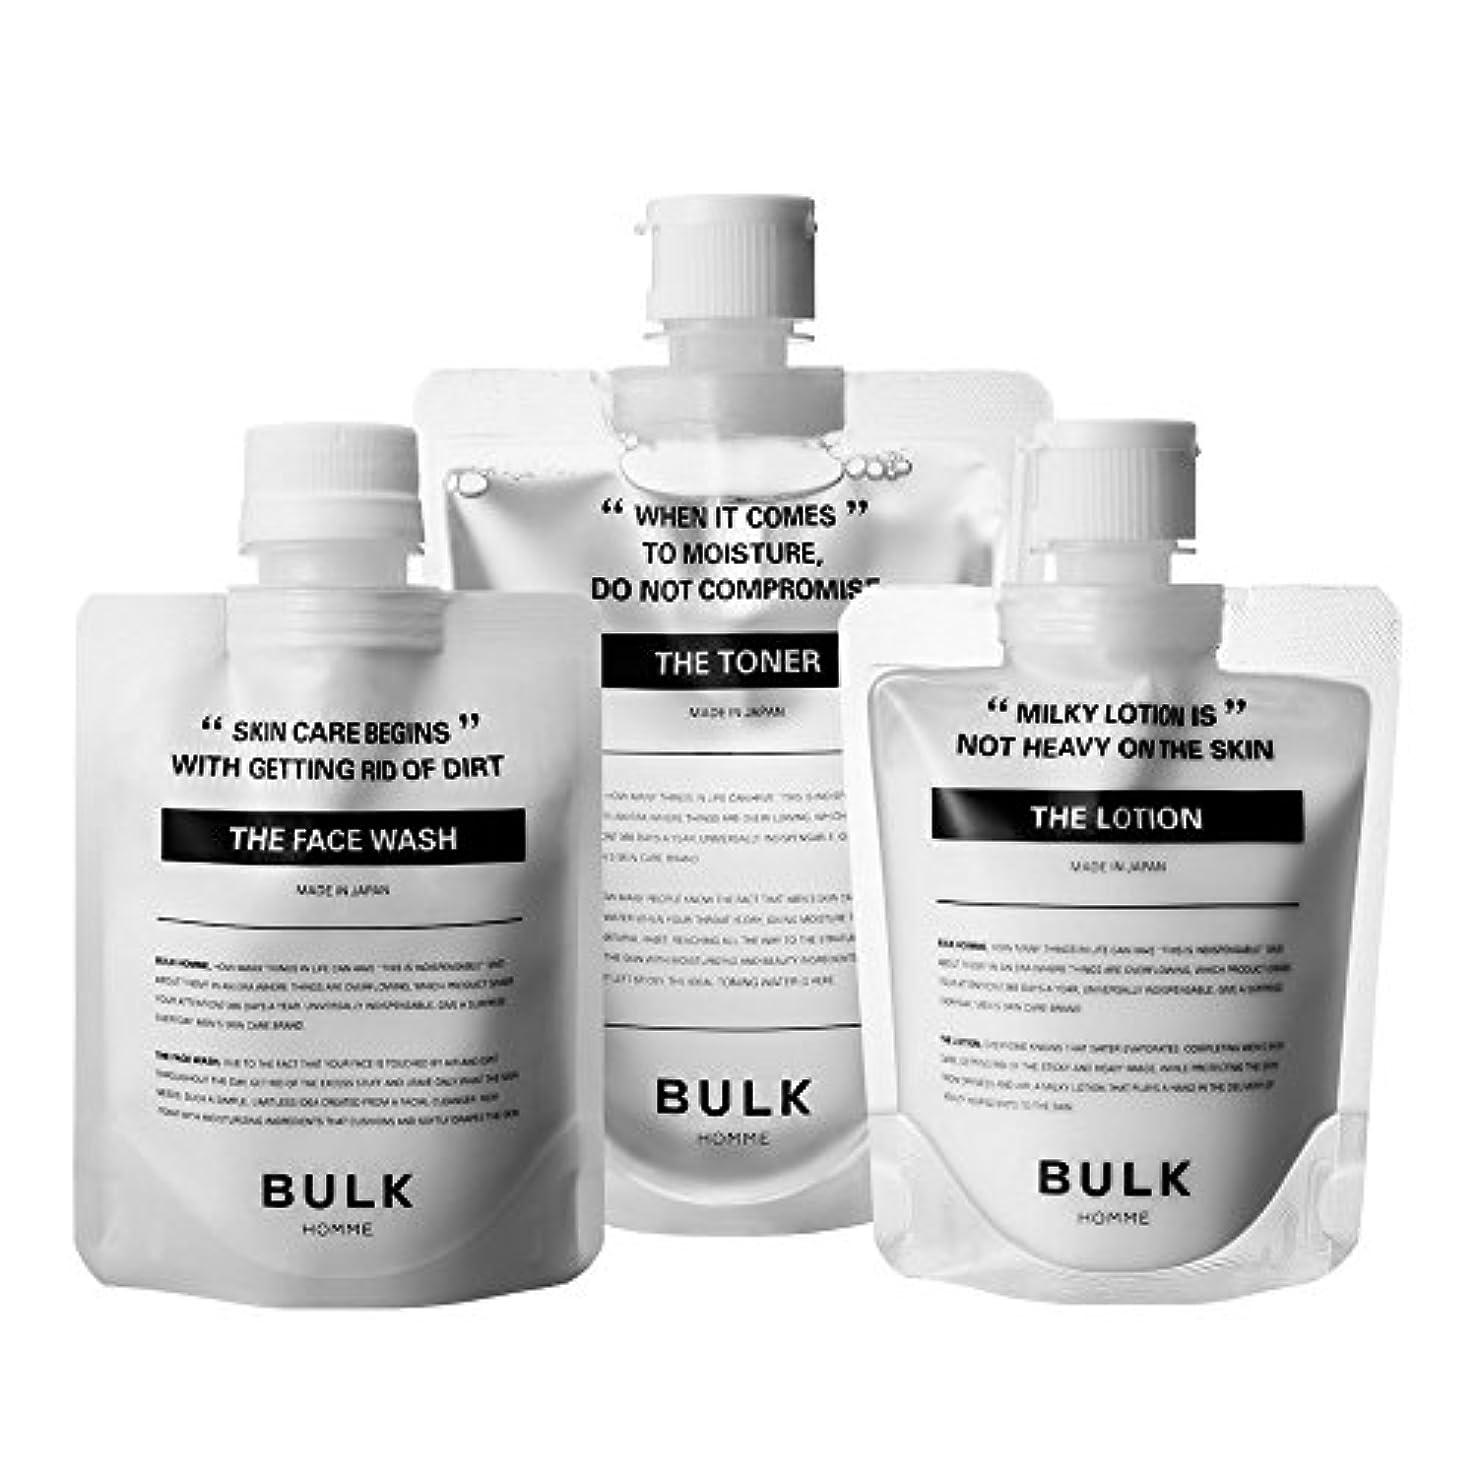 簡単な銀行詩人バルクオム (BULK HOMME) バルクオム フェイスケアセット(メンズスキンケア) 洗顔&化粧水&乳液 プレゼント袋なし